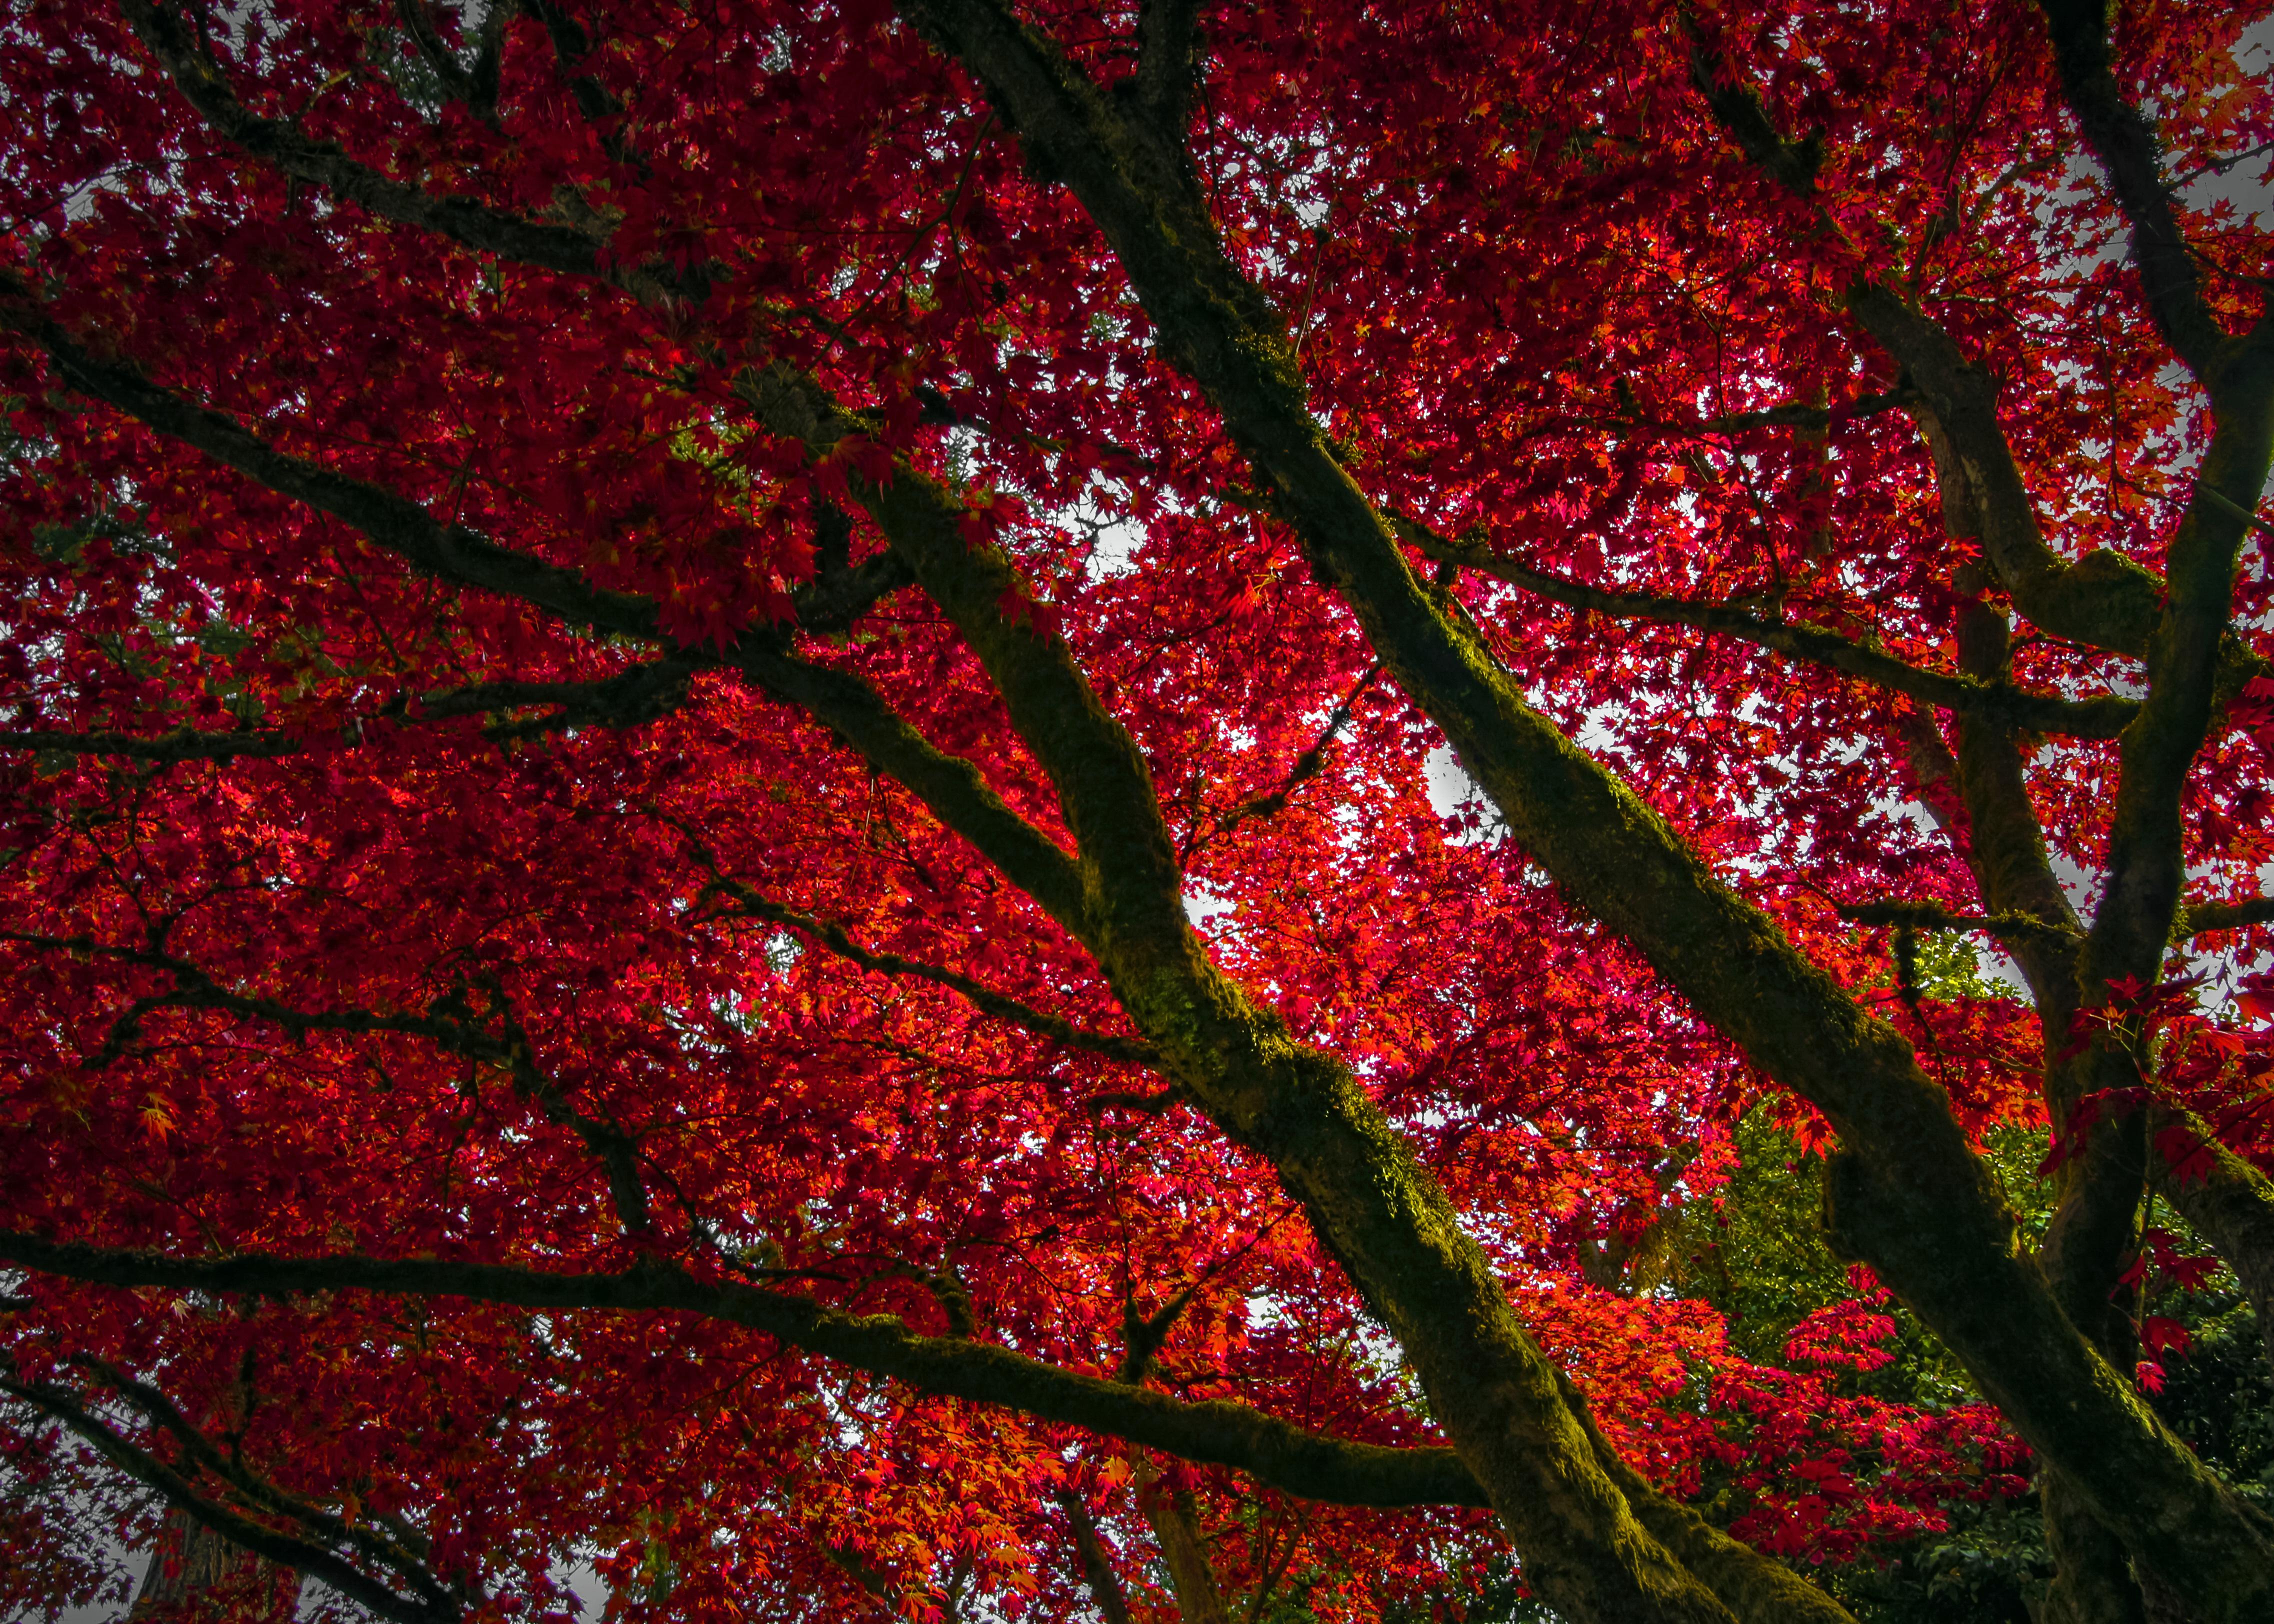 fond d'écran : arbre, oregon, portland, nord-ouest pacifique